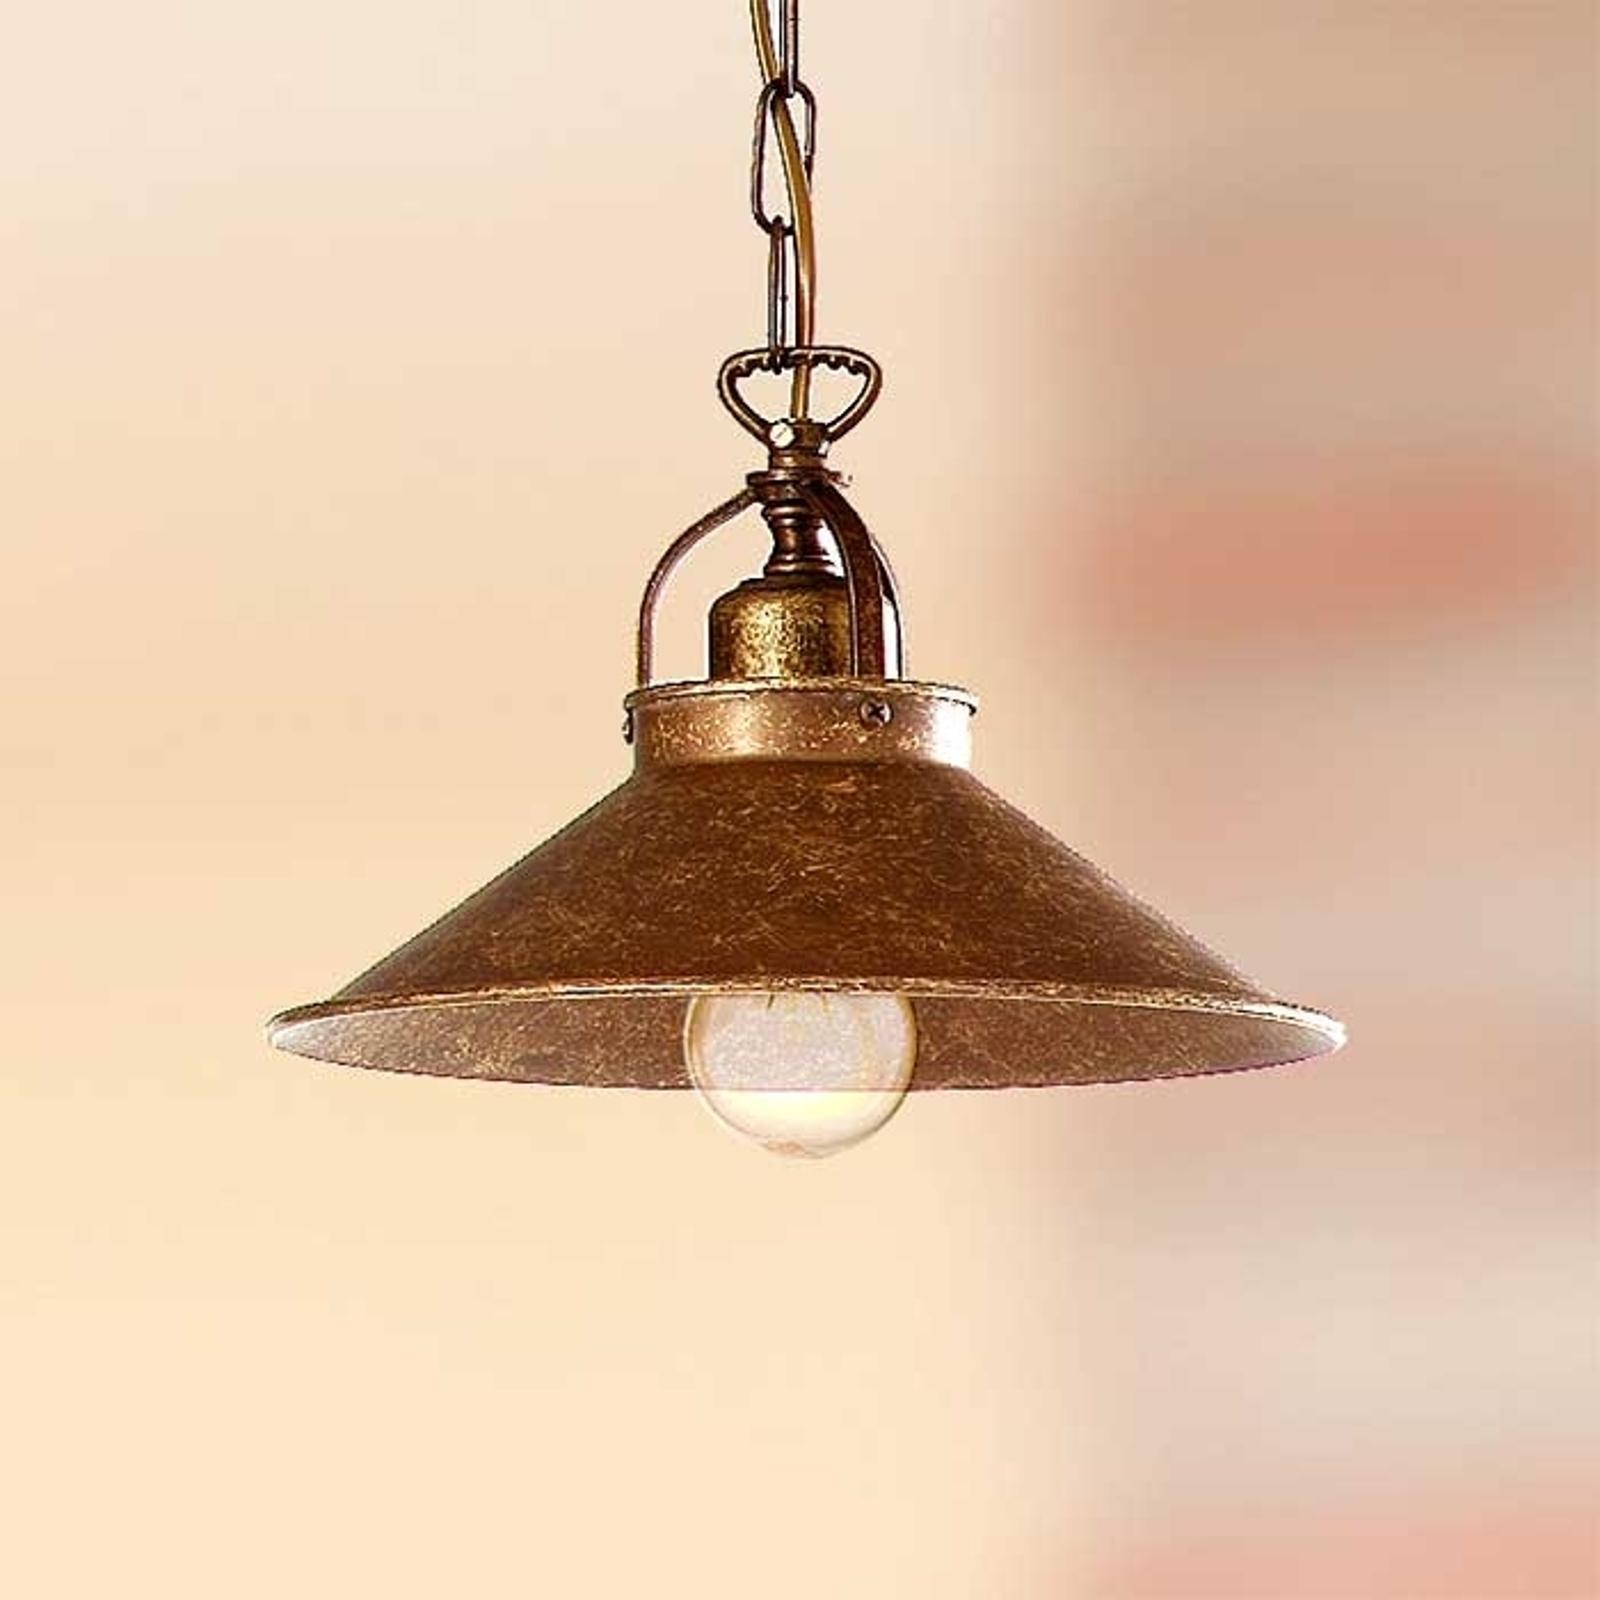 Rustykalna lampa wisząca BRUNO 25 cm